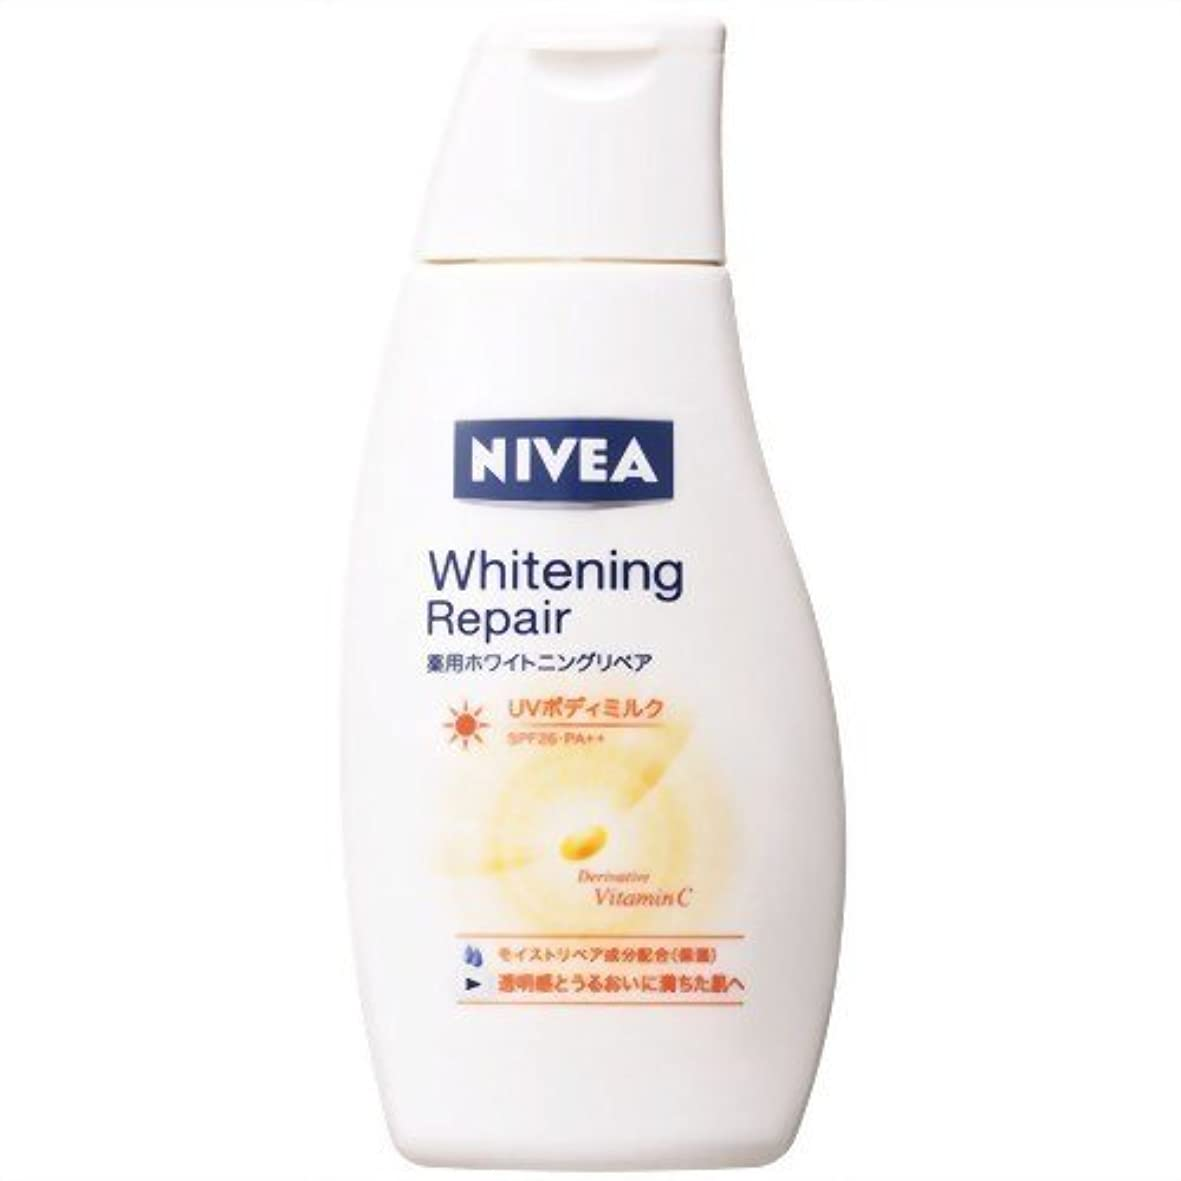 最も頻繁に子供っぽいニベア 薬用ホワイトニングリペア UVボディミルク(150mL)